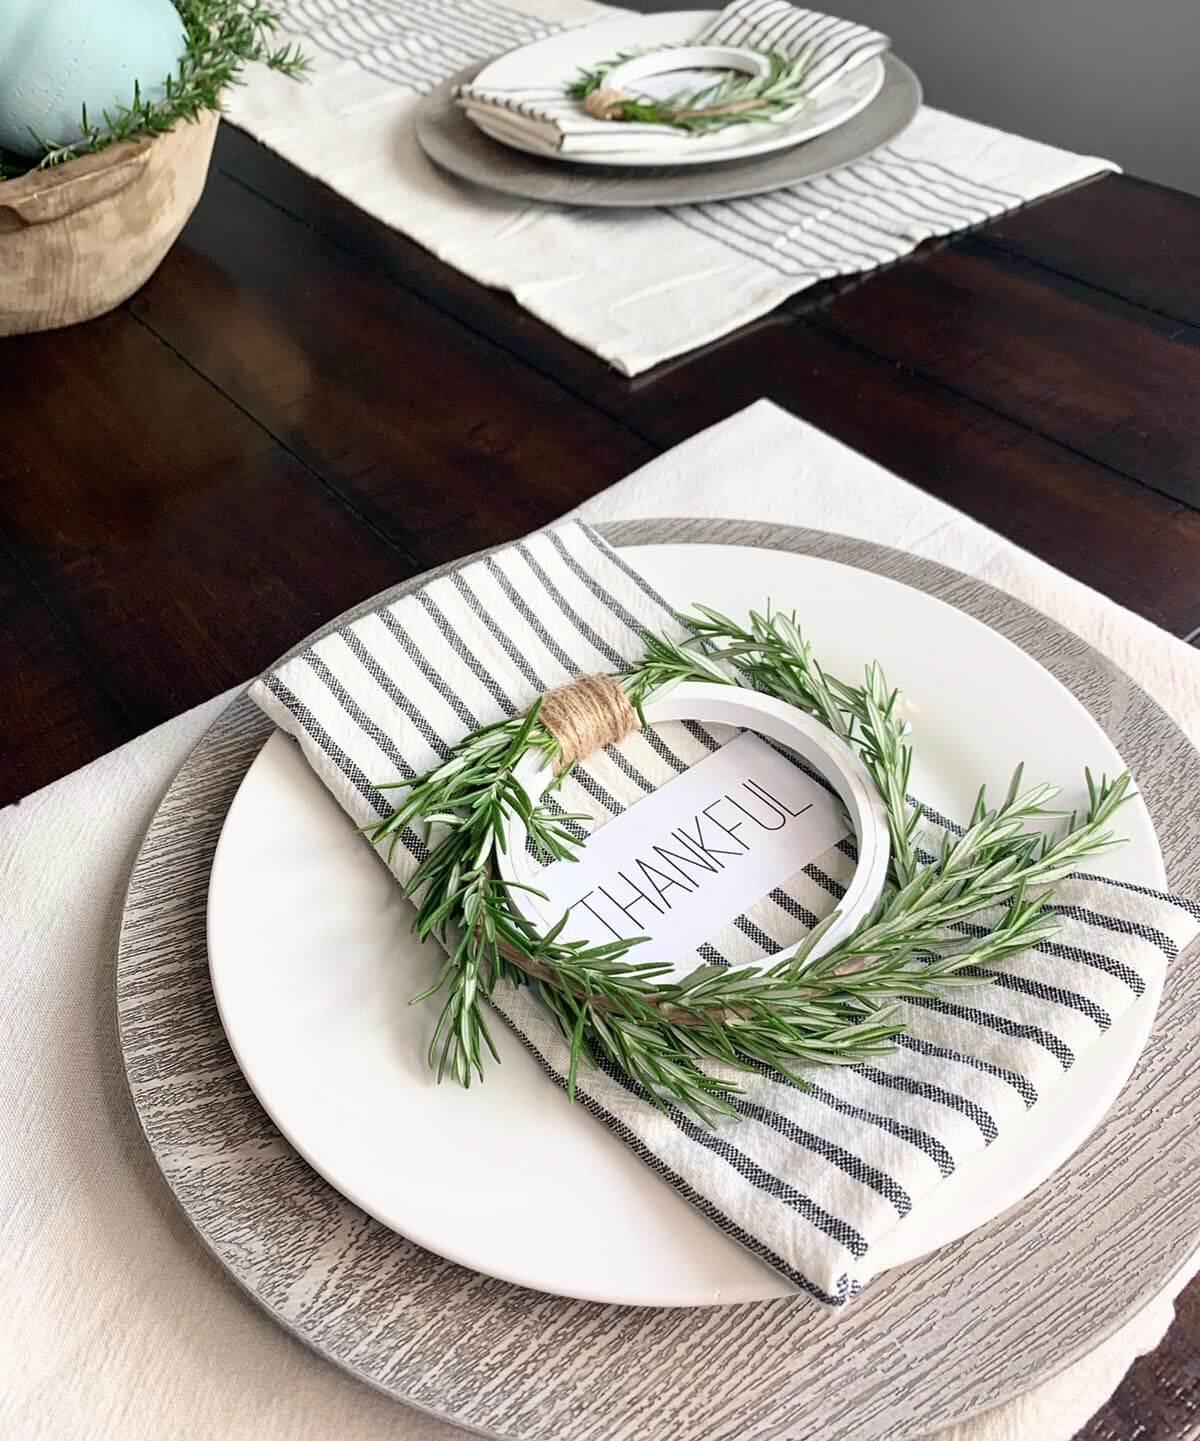 Anneaux de serviette en forme de cerceau de broderie avec verdure